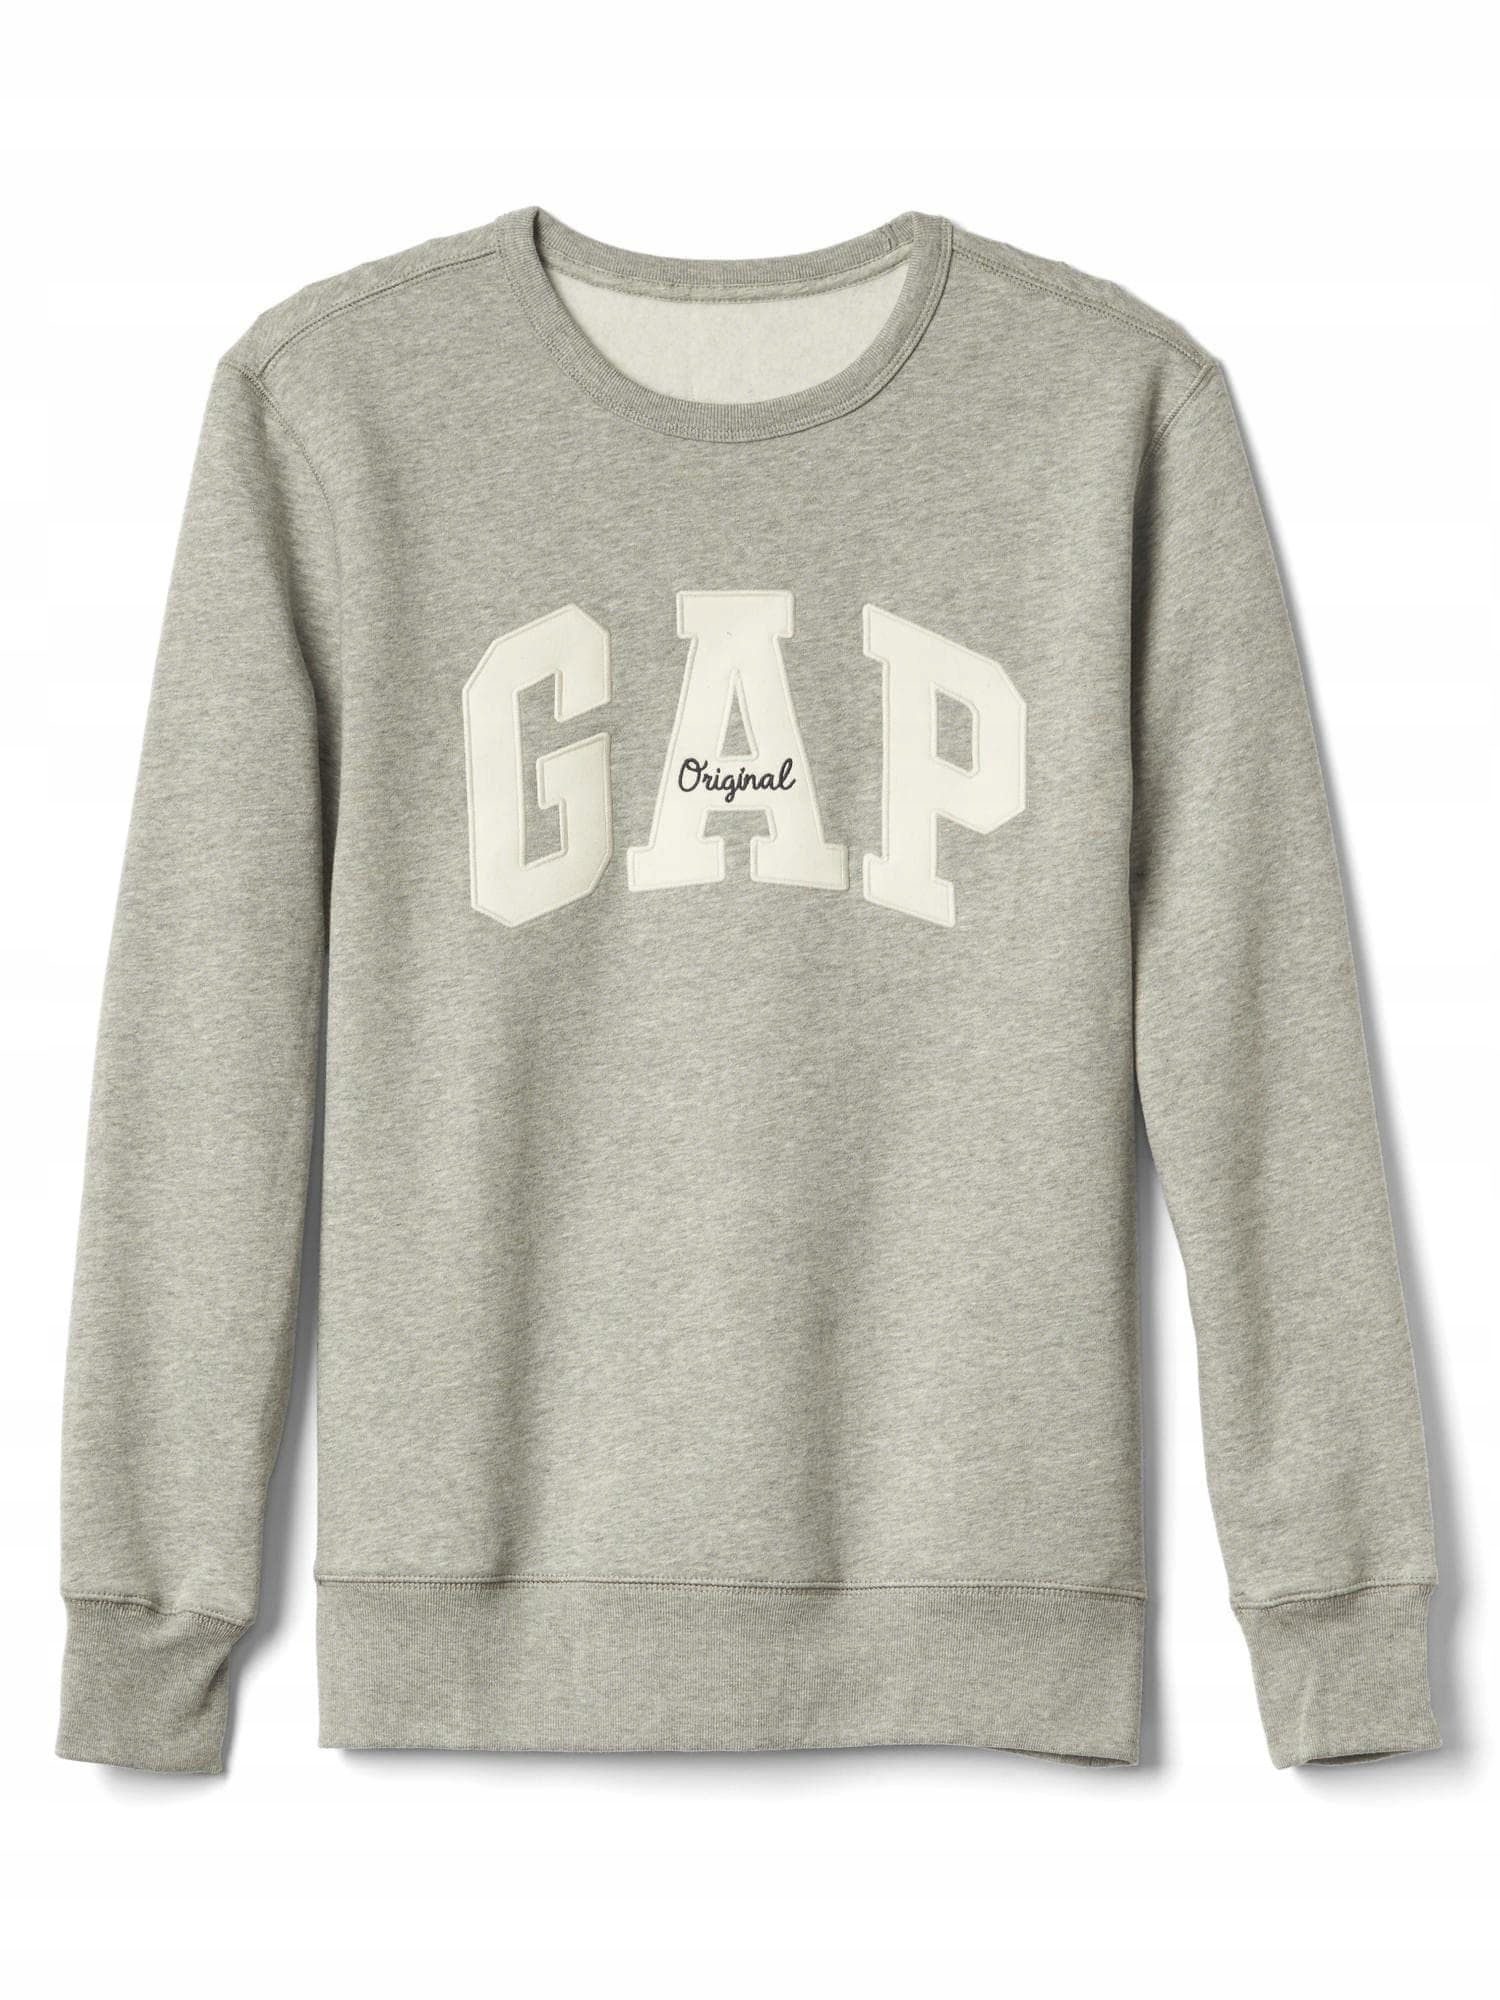 Gap bluza LOGO rozmiar XL nowa SZARA